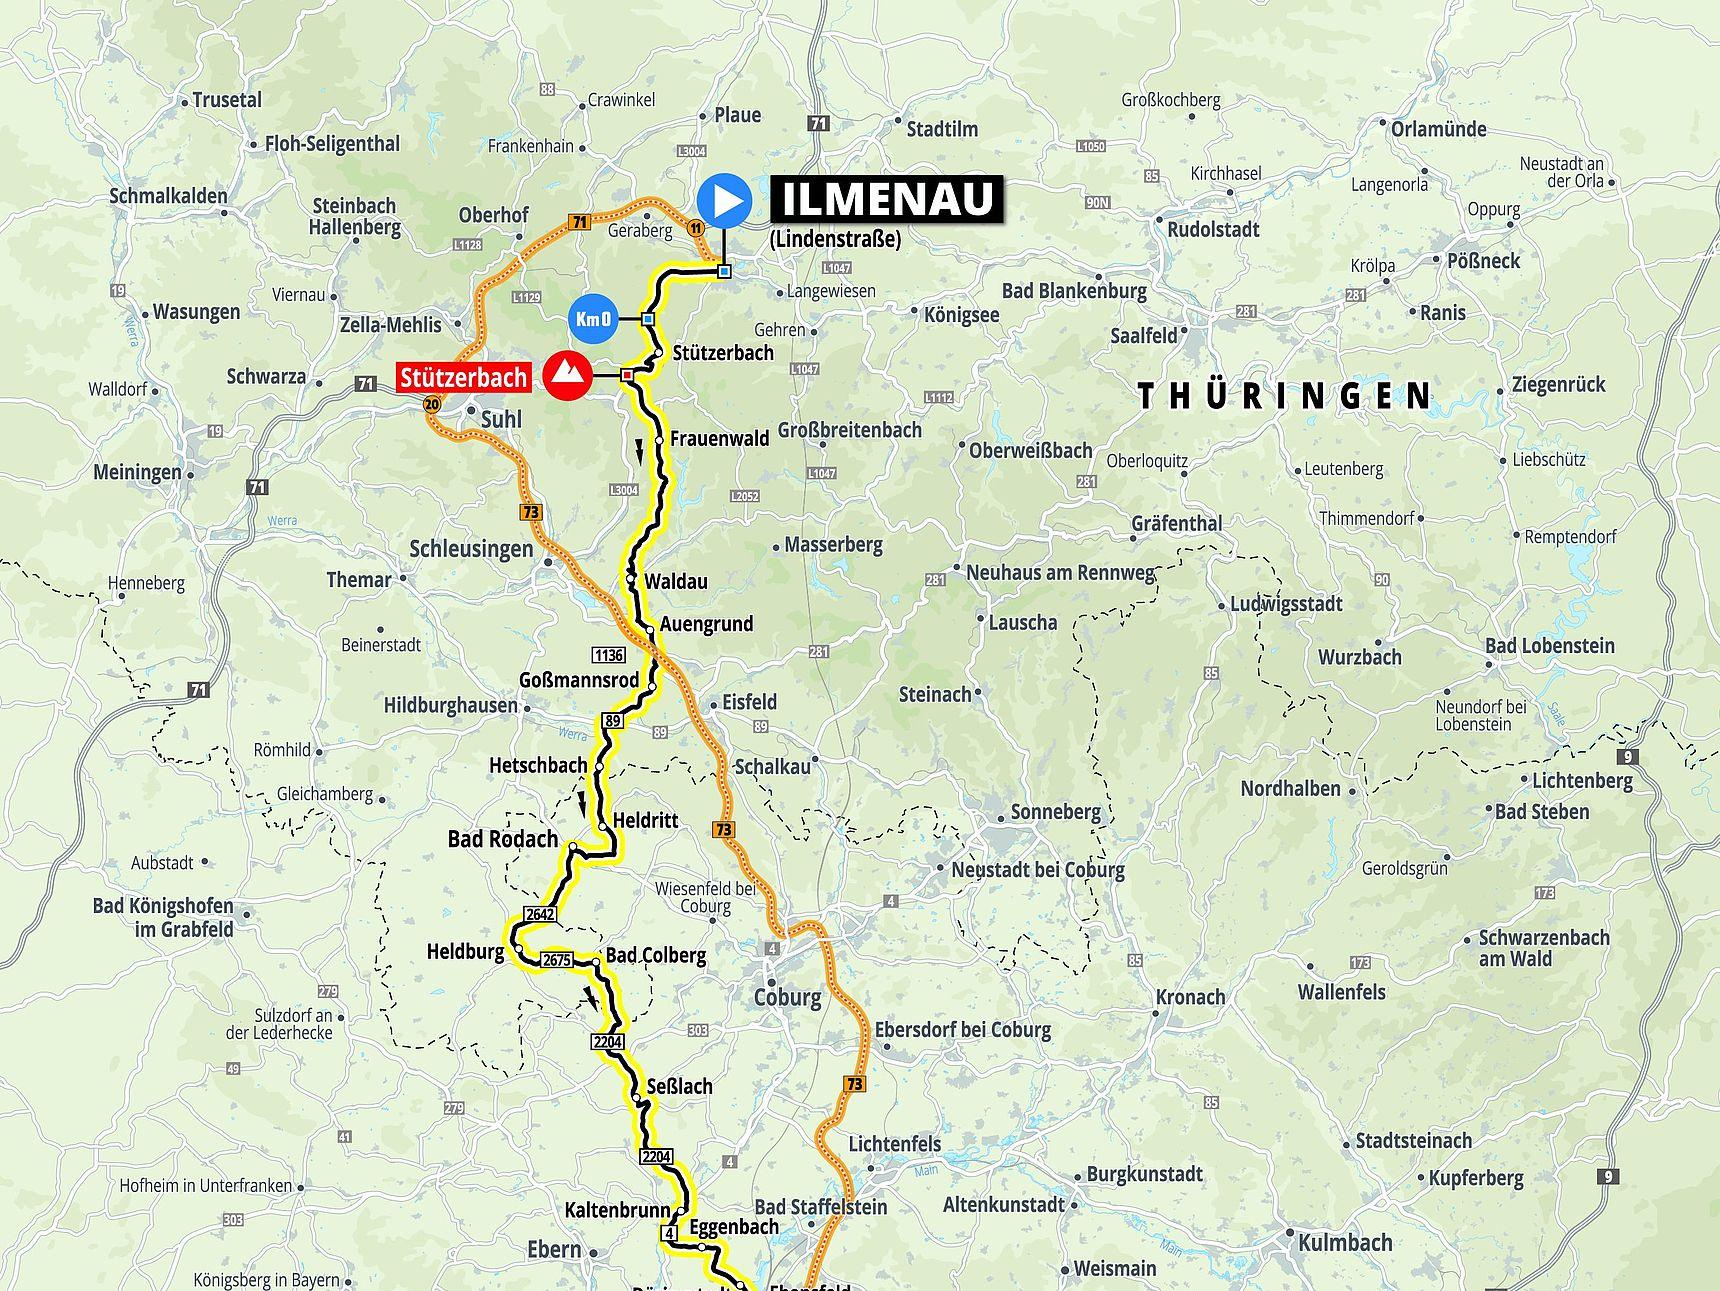 Streckenkarte Etappe 3 Deutschland Tour 2021